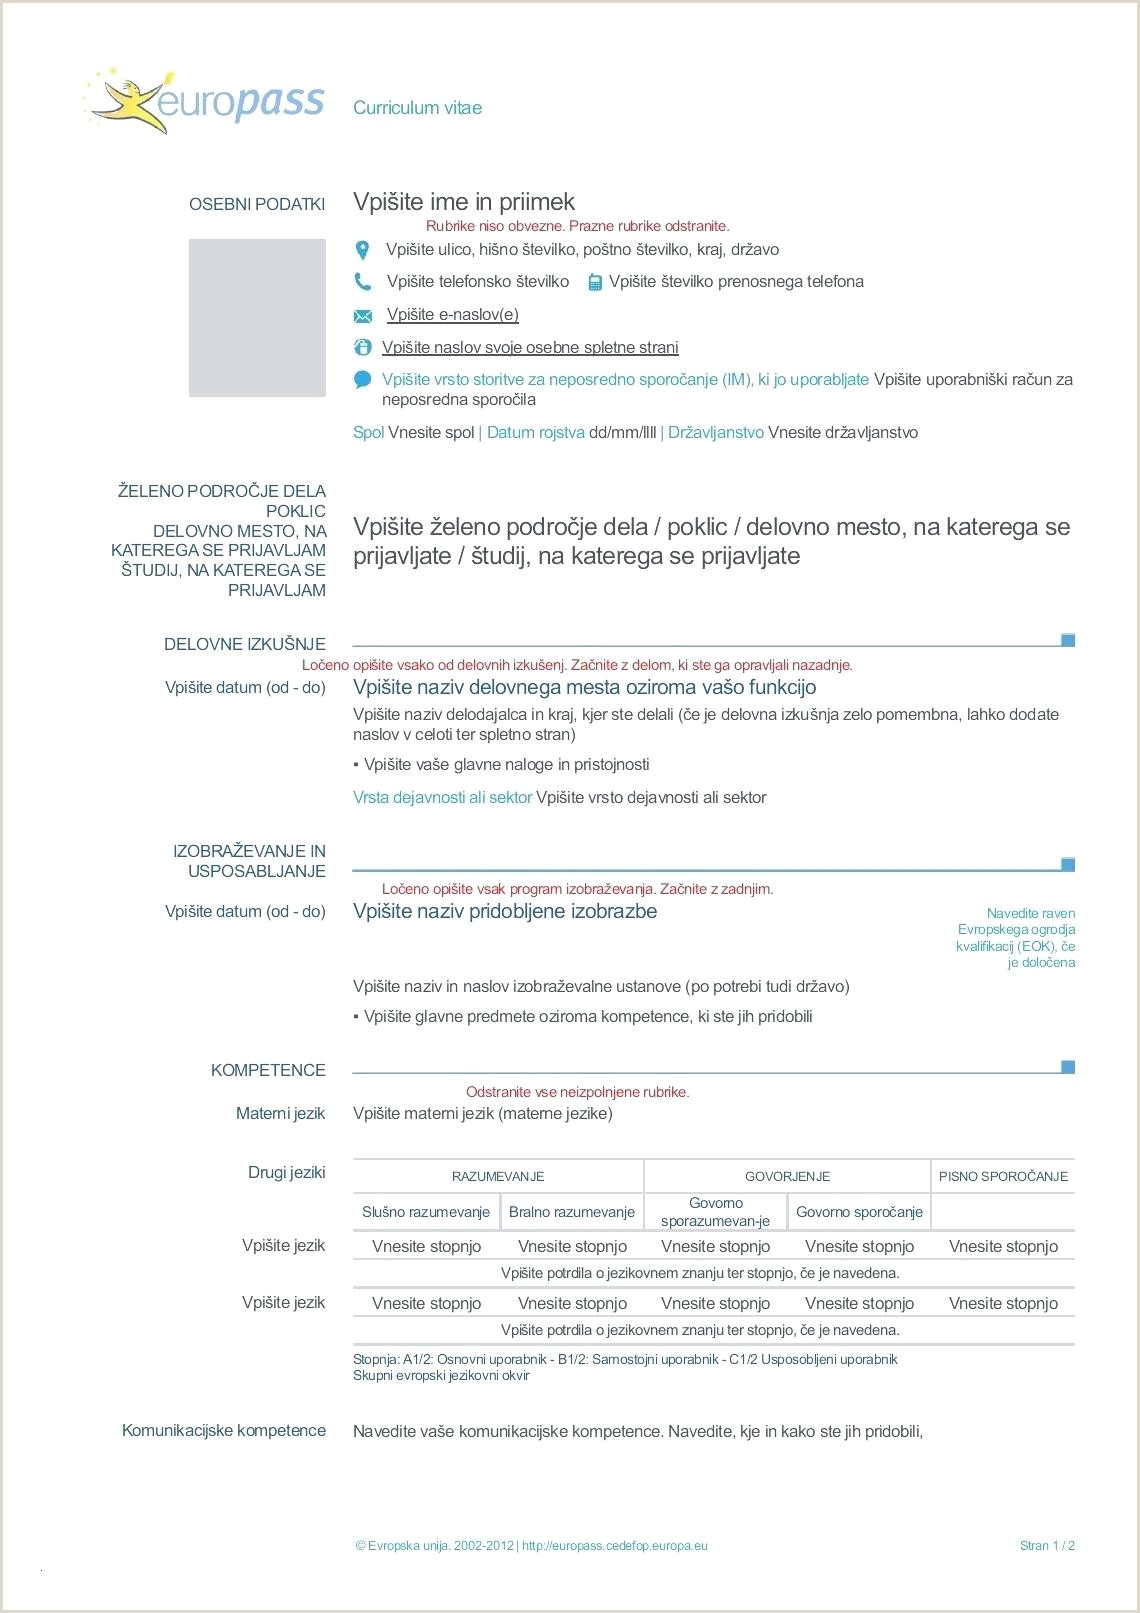 Europass Cv format Download Template Skills Resume List Examples Europass Cv